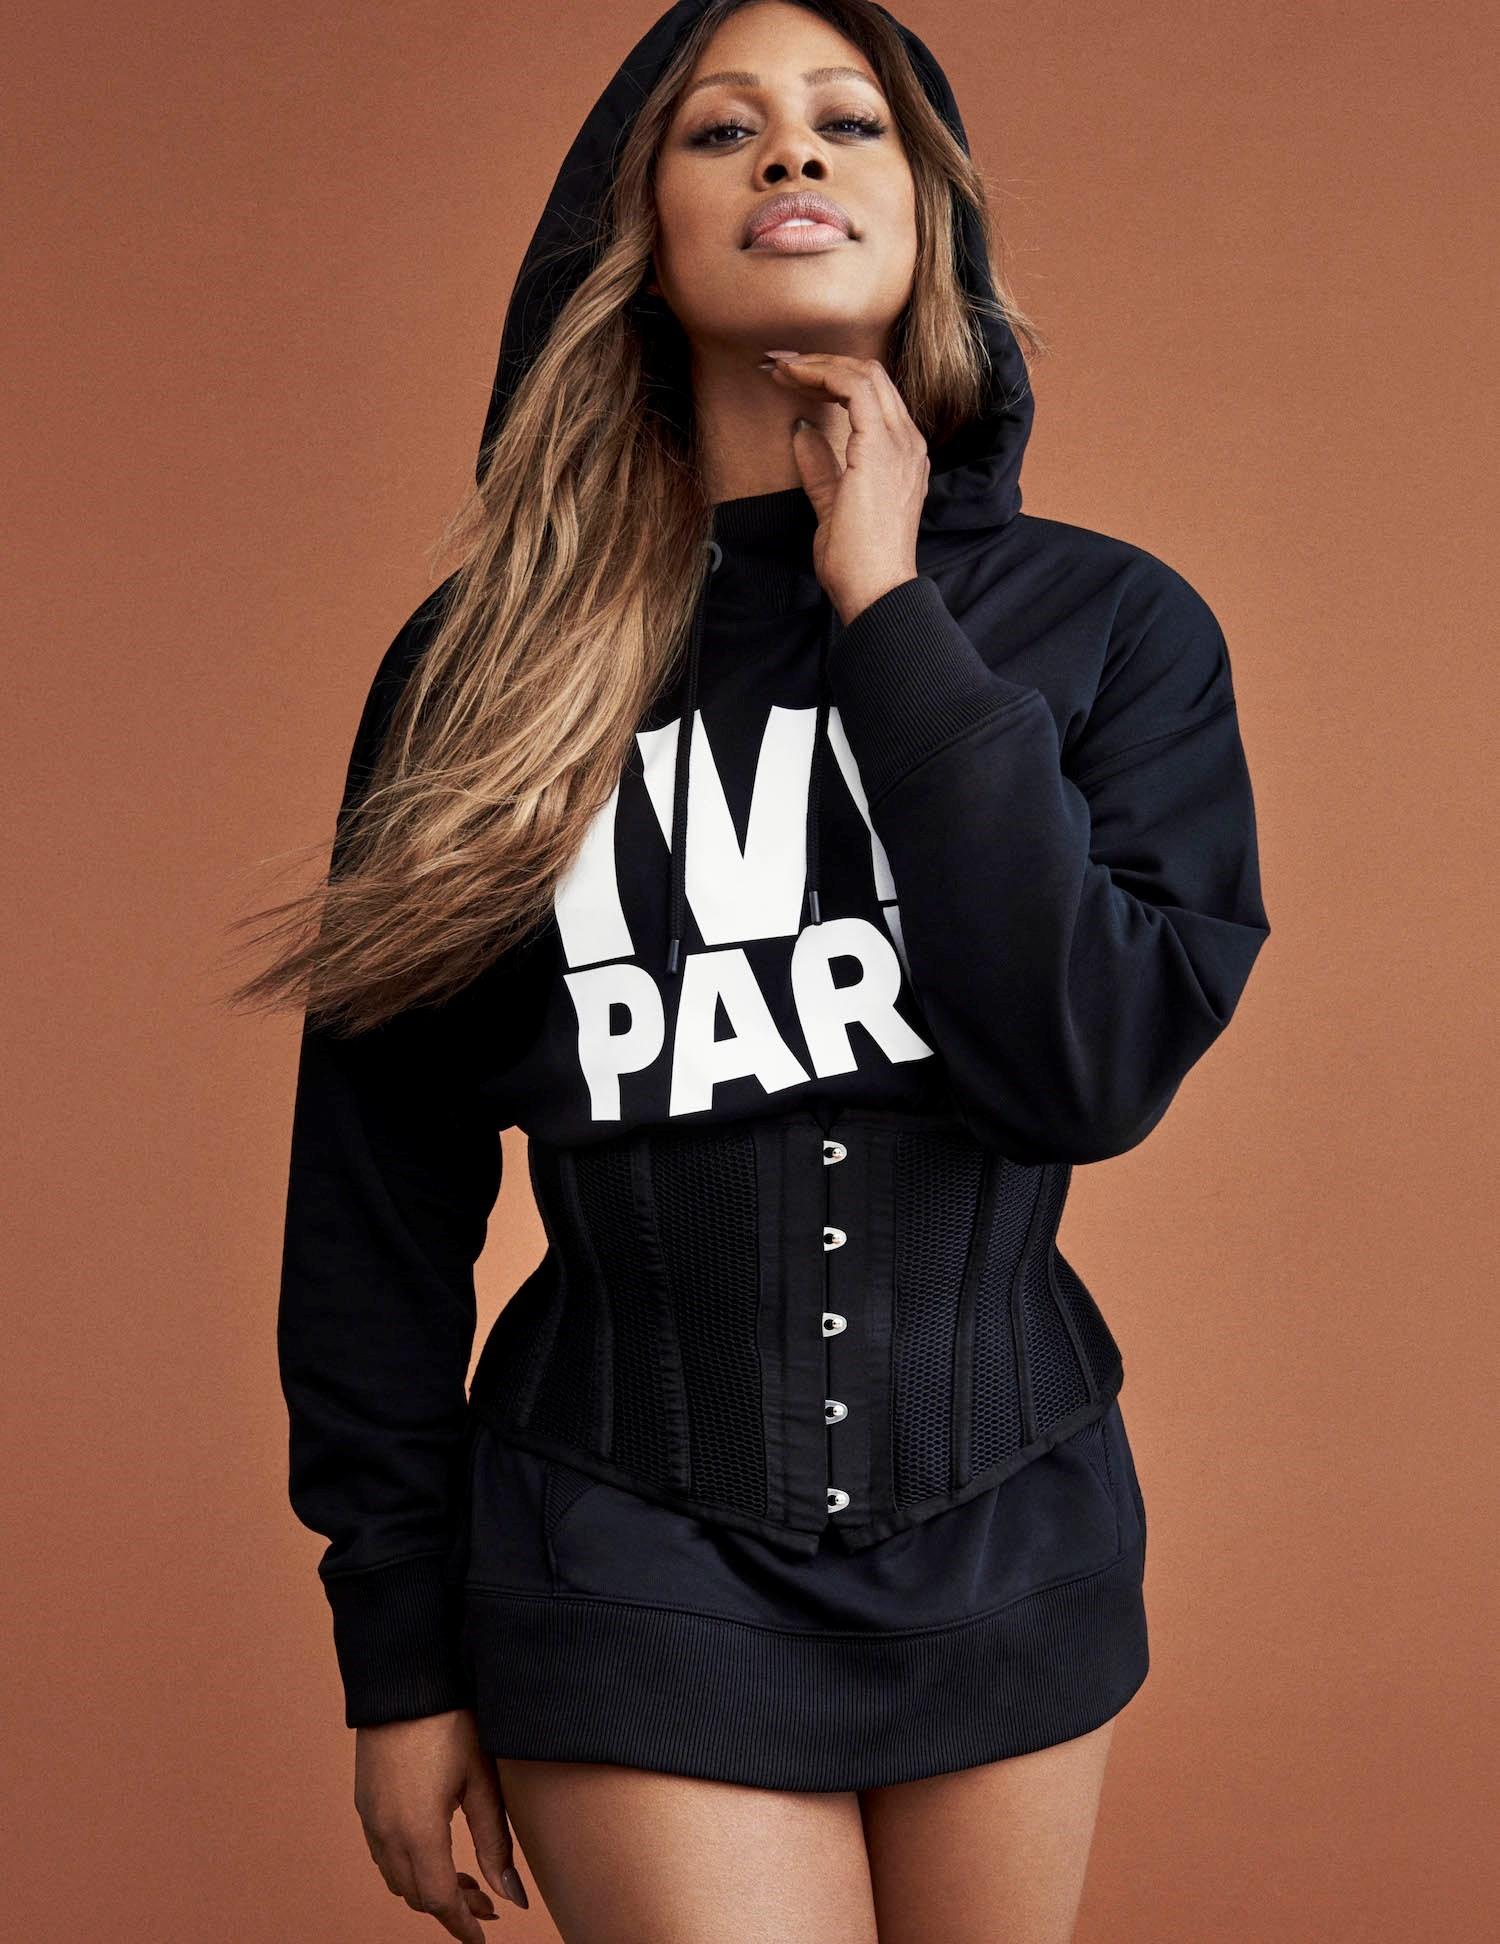 A transznemű színésznőt, Laverne Coxot választotta arcának Beyoncé Ivy Park márkája.